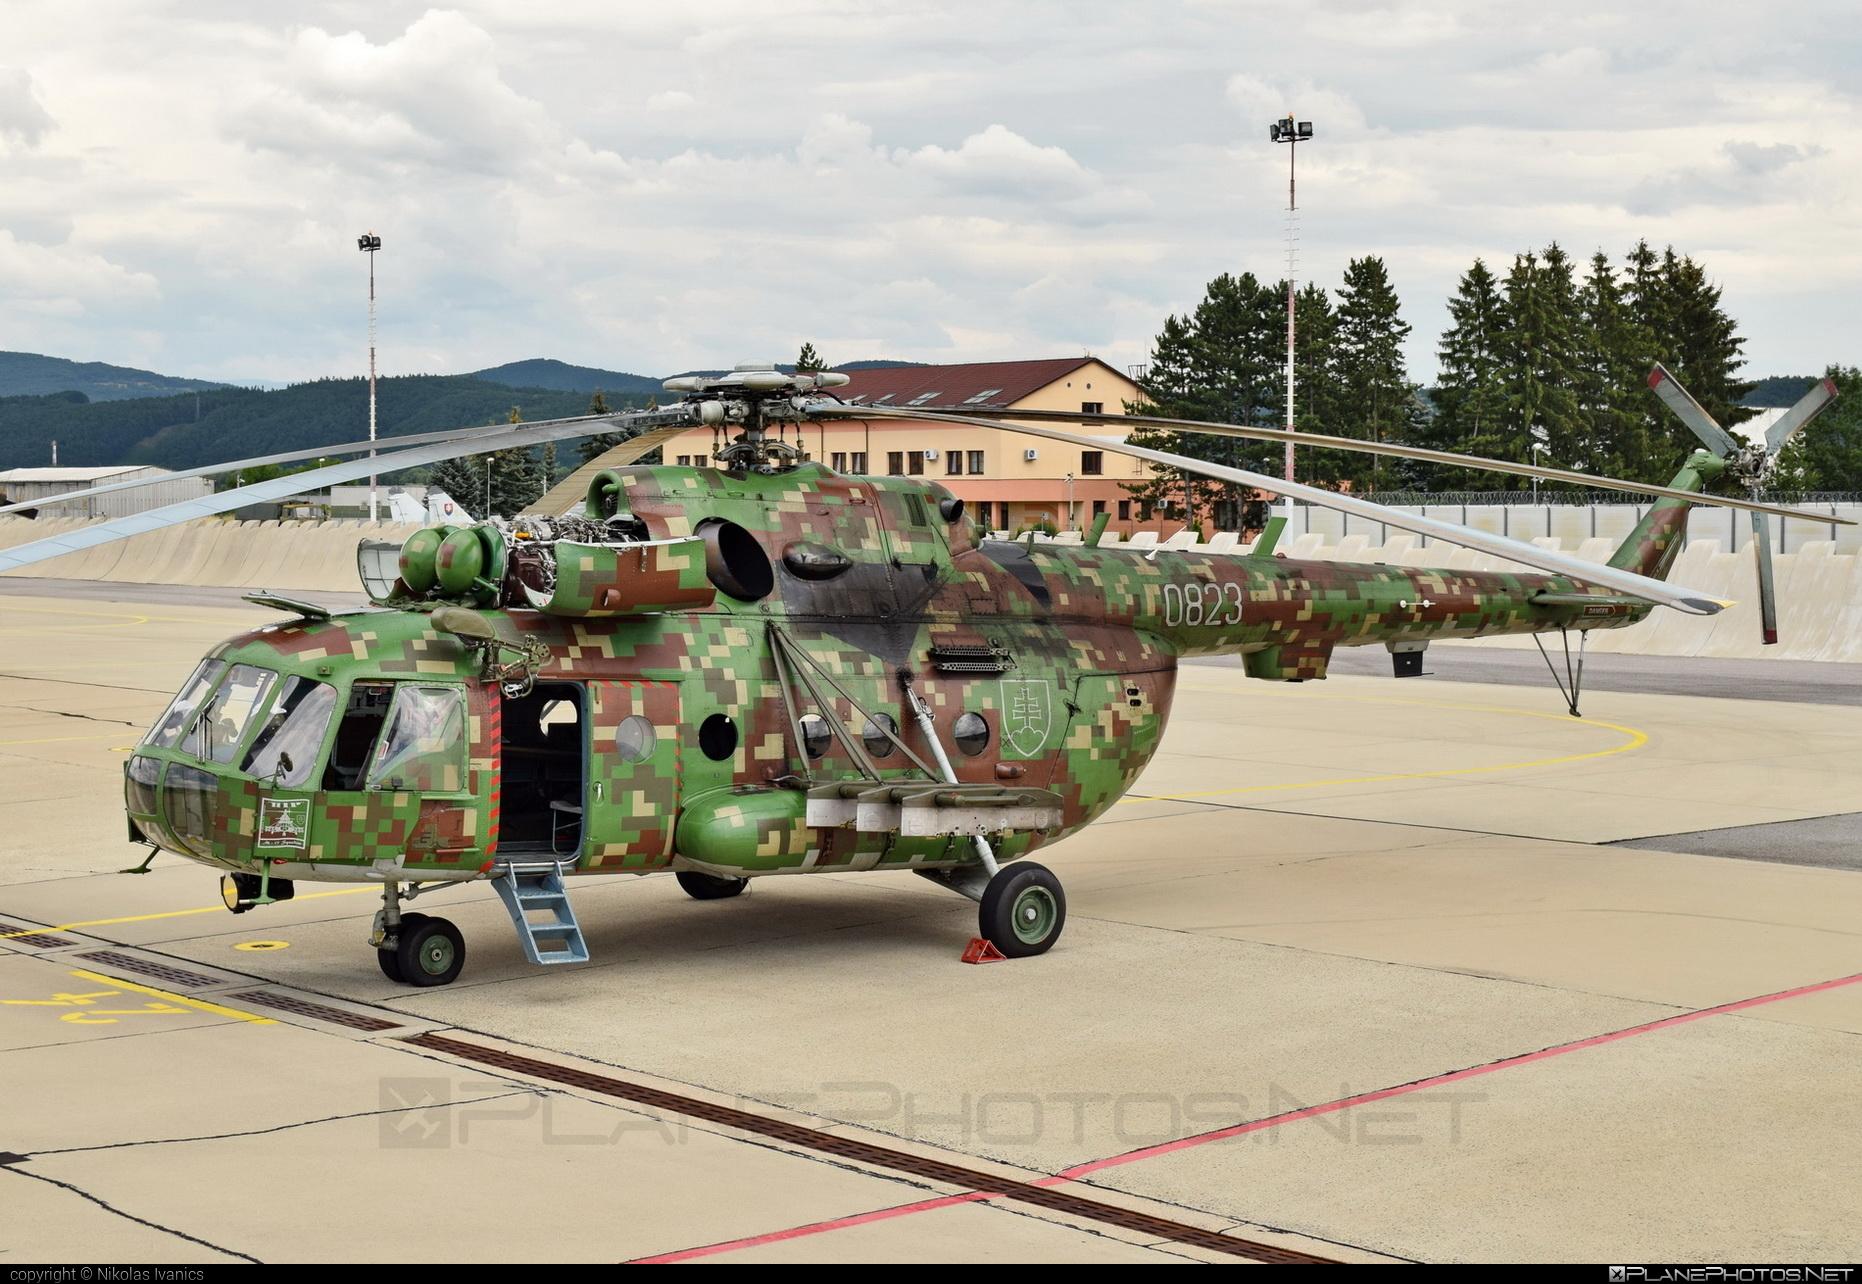 Mil Mi-17 - 0823 operated by Vzdušné sily OS SR (Slovak Air Force) #mi17 #mil #mil17 #milhelicopters #slovakairforce #vzdusnesilyossr